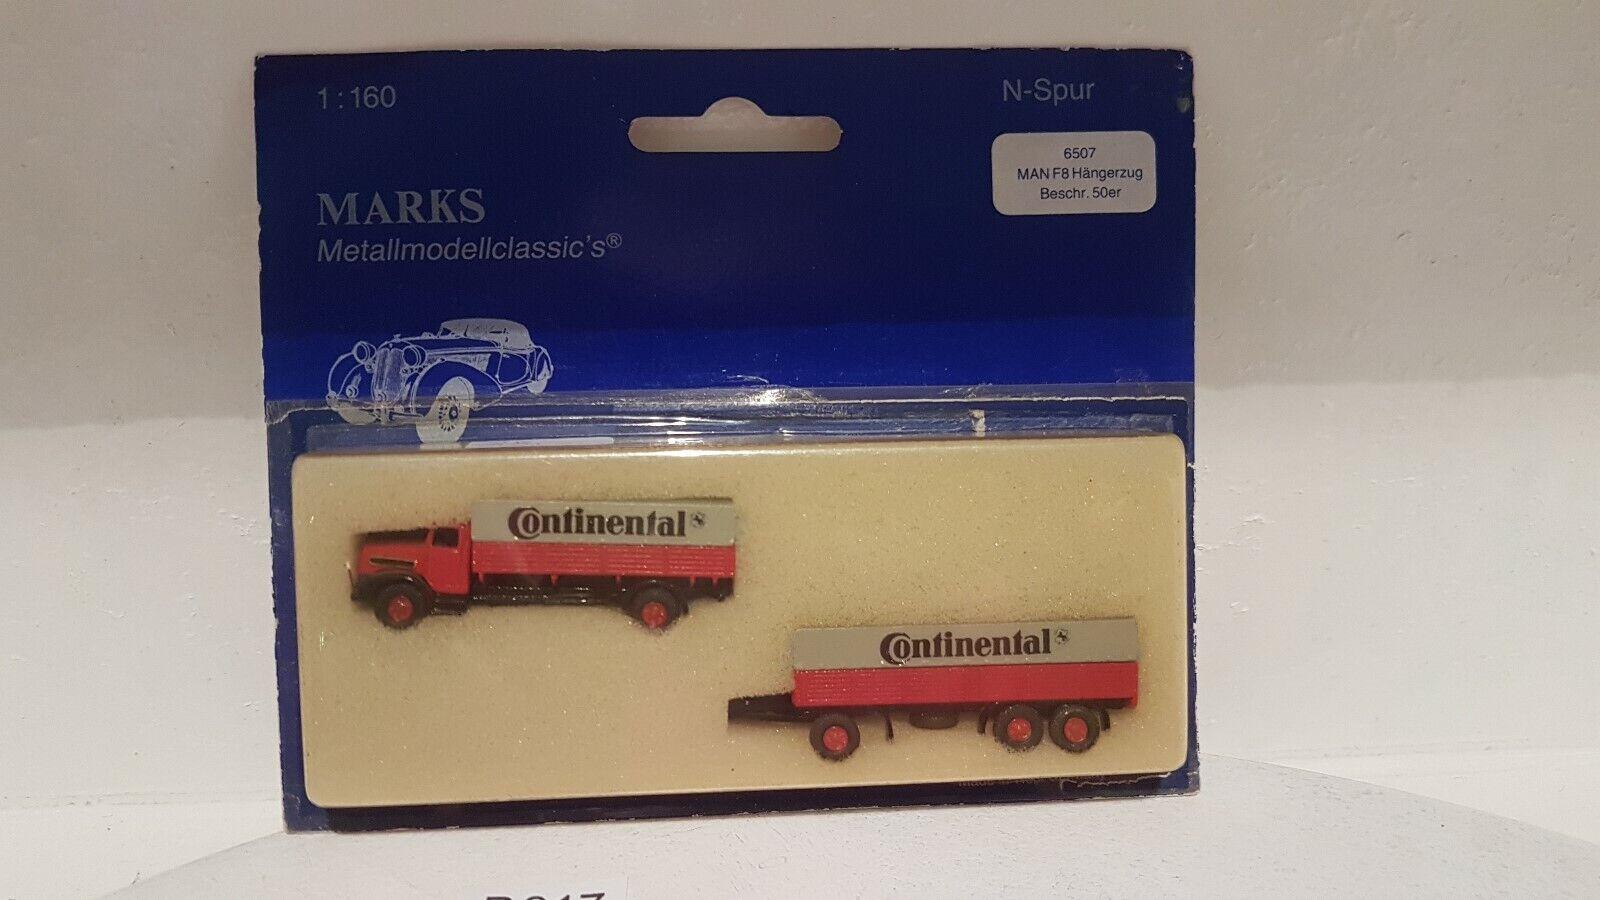 Marks 6507 MAN f8 hängerzug cont metallo modello Traccia N in scatola originale buono stato (b917)